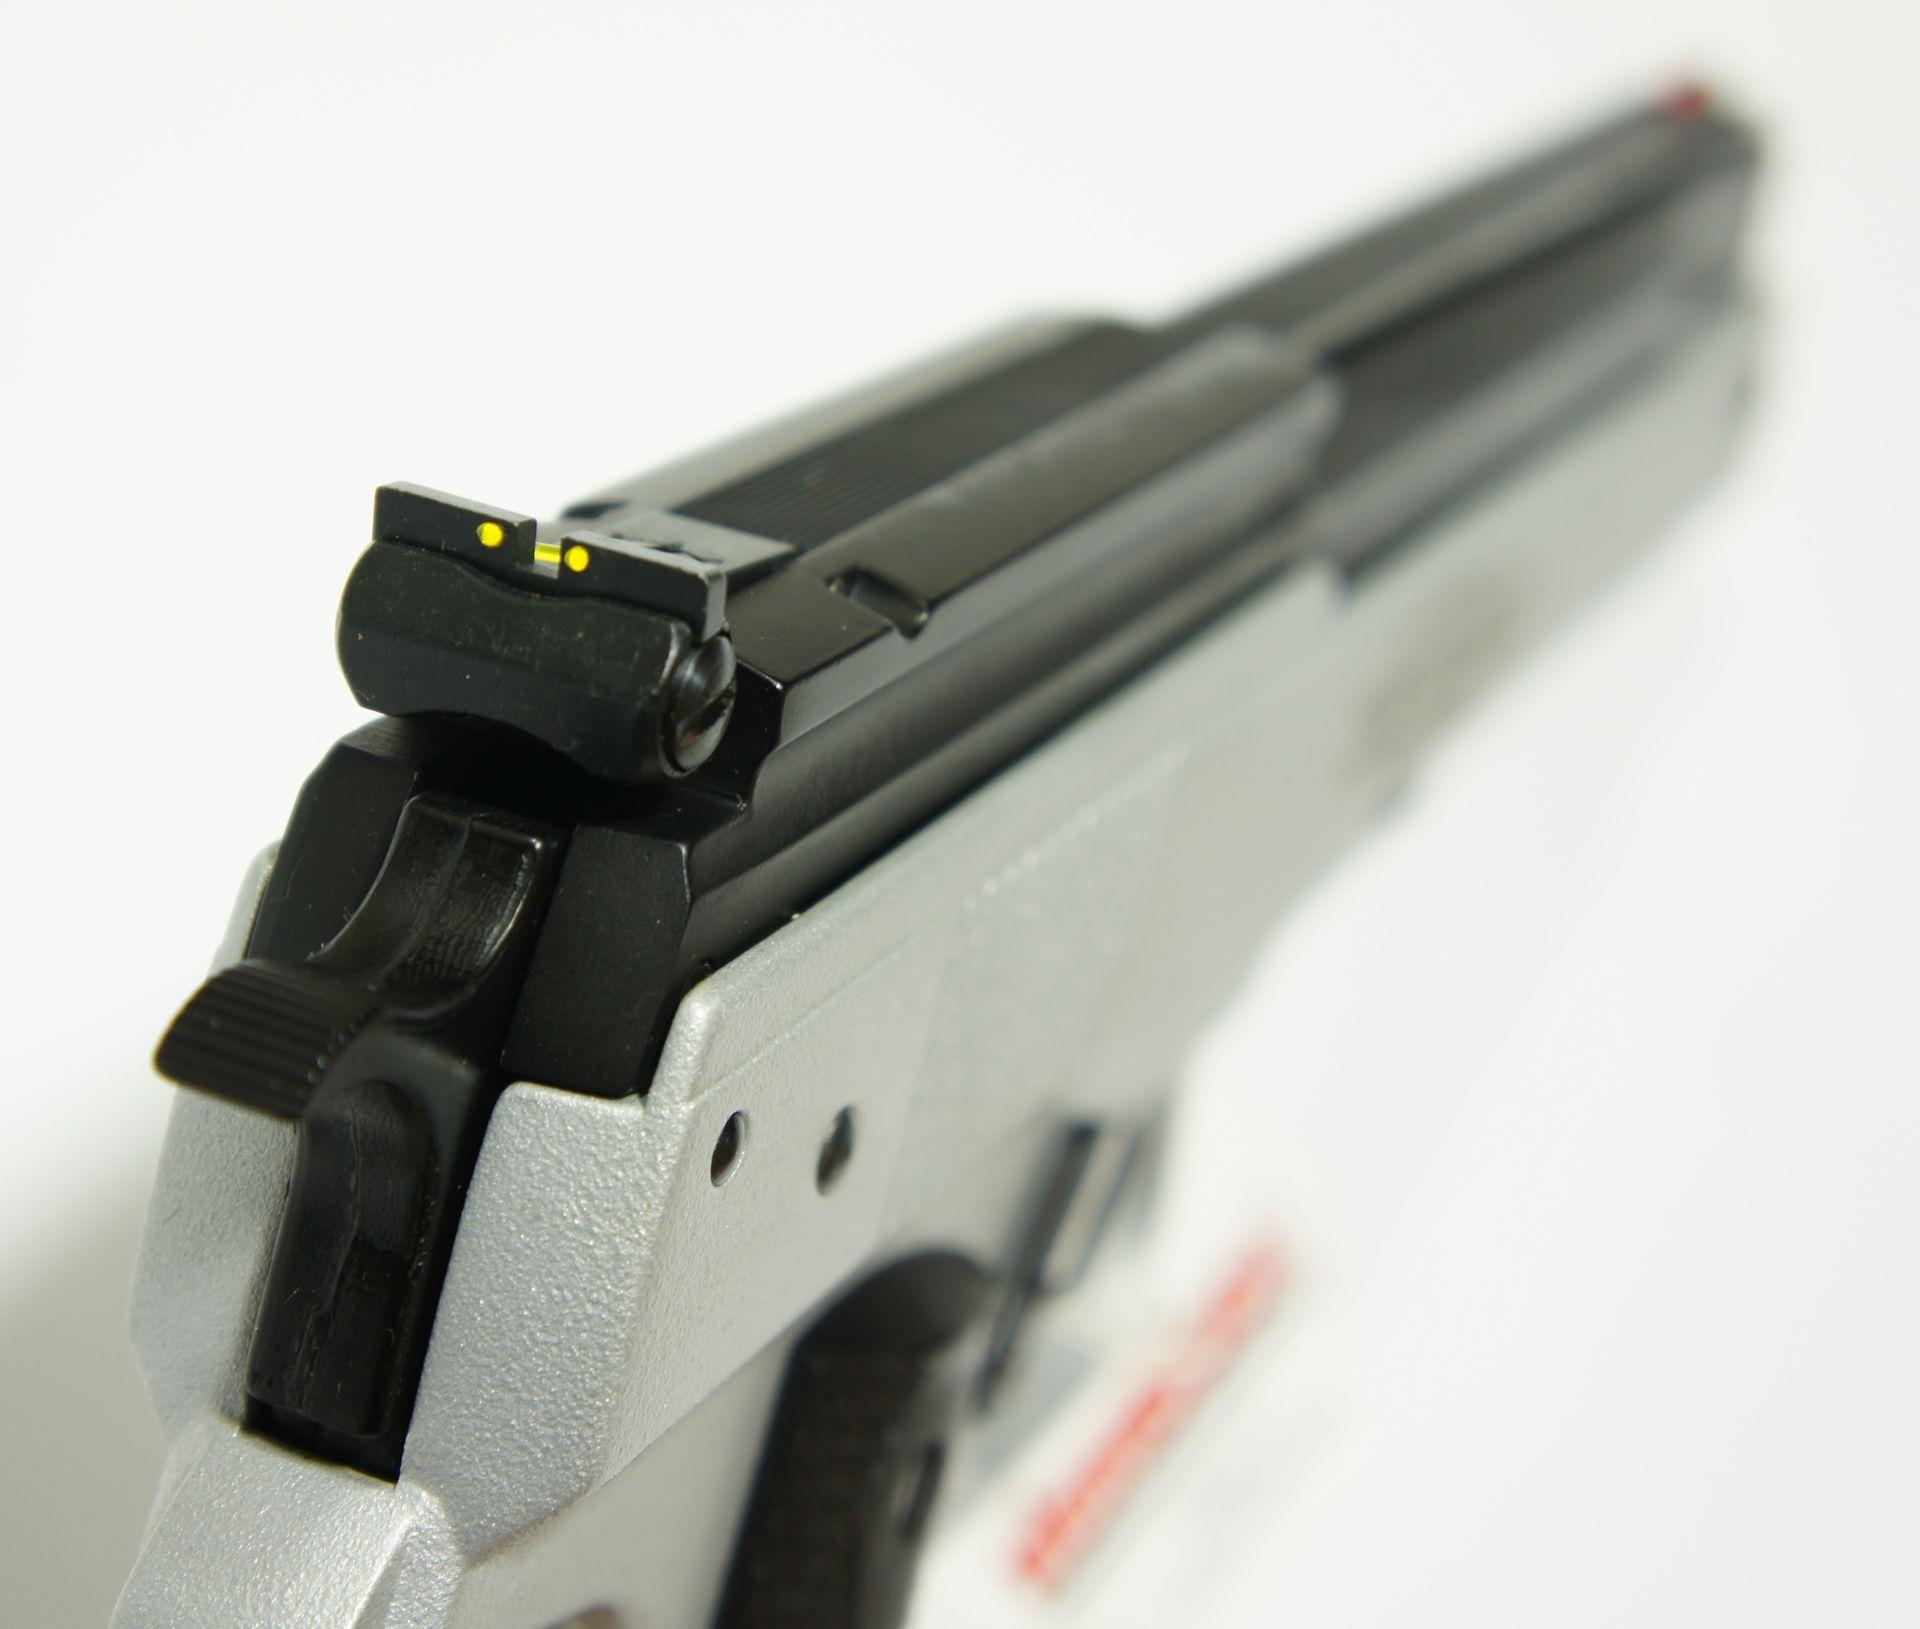 Die Luftpistole HW 45 hat Fieberglaselemente in der Visierung, um das Zielen in der Dämmerung besser möglich zu machen.